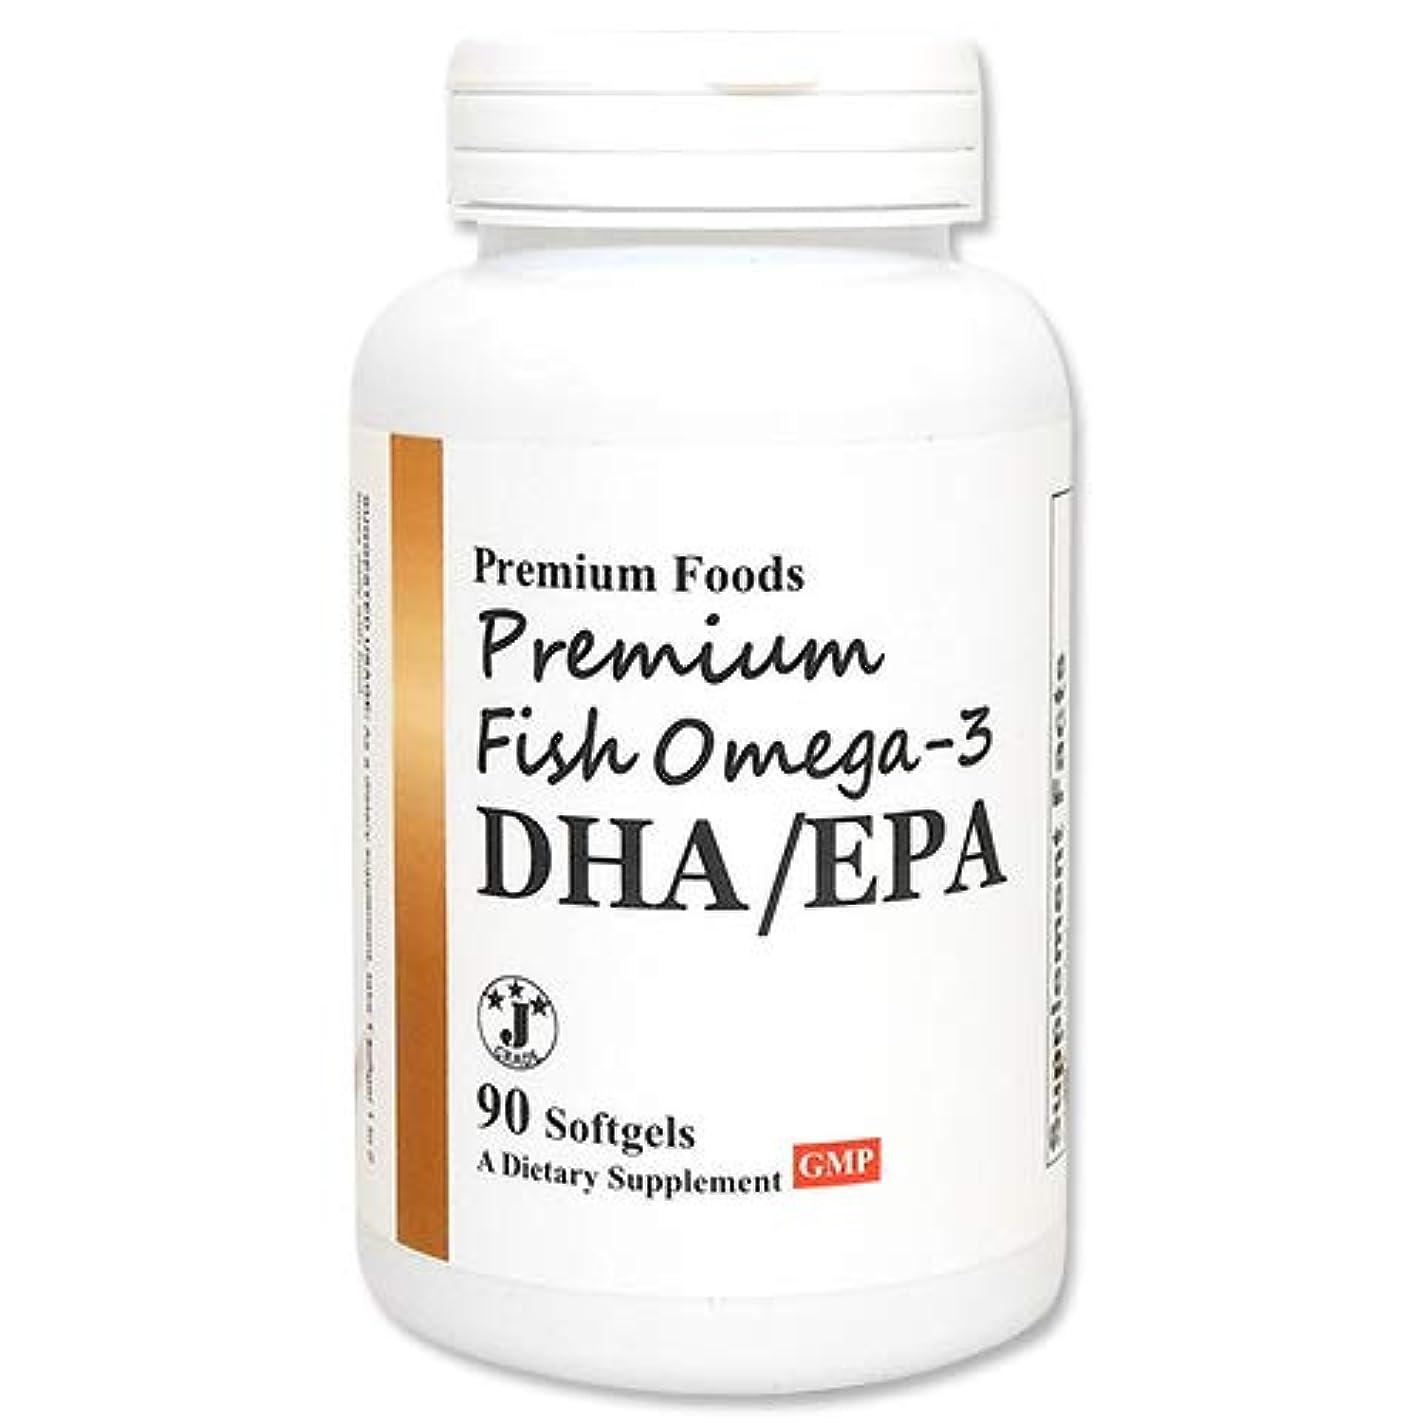 スキッパー交じるきちんとしたプレミアム フィッシュオメガ-3(DHA/EPA) 90粒 [海外直送品]